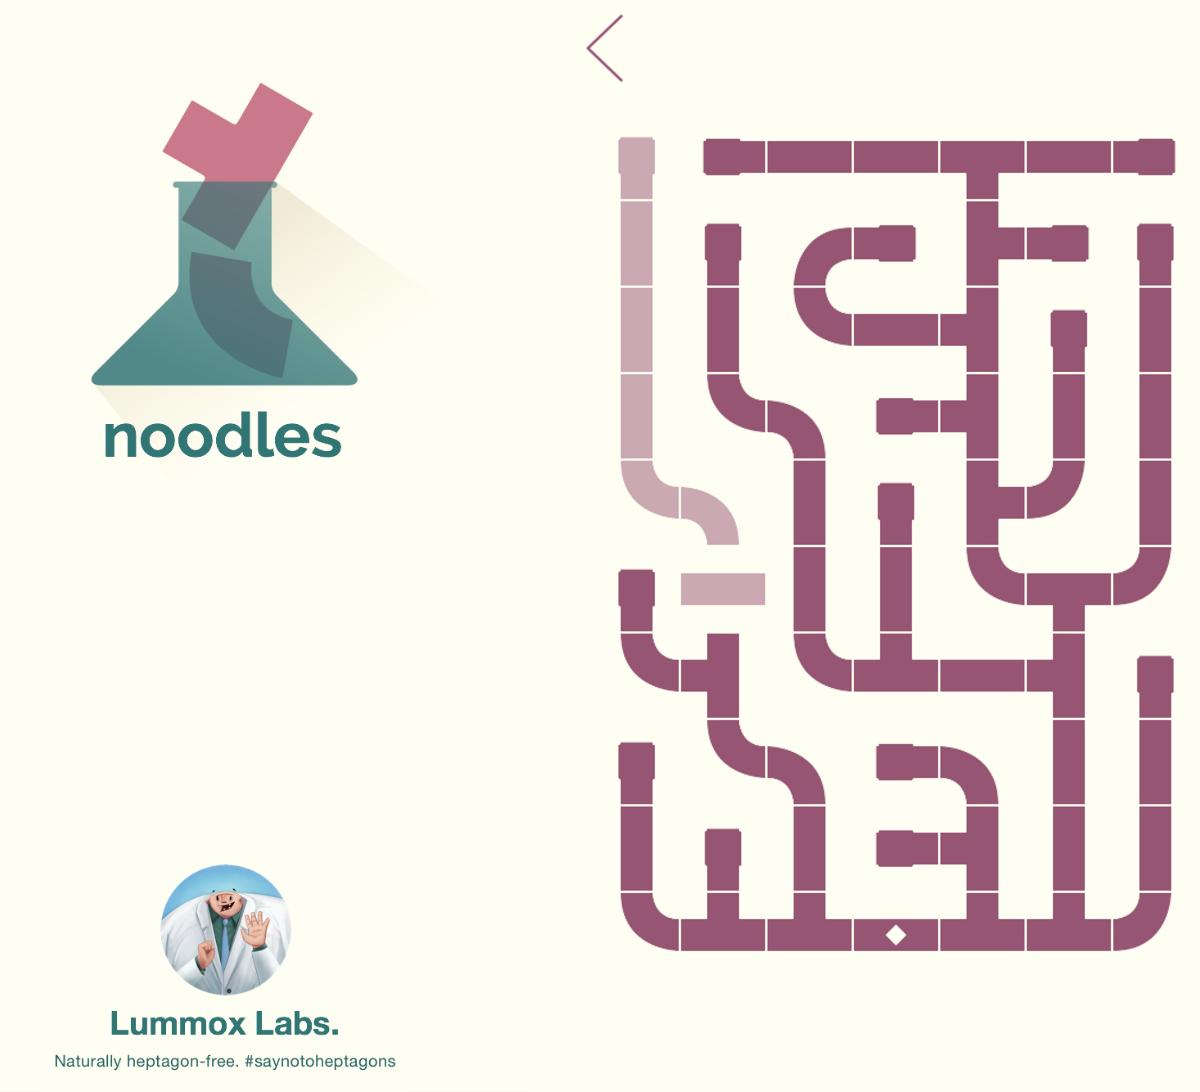 Noodles Oyunu App store'da Kısa Süreliğine ÜCRETSİZ